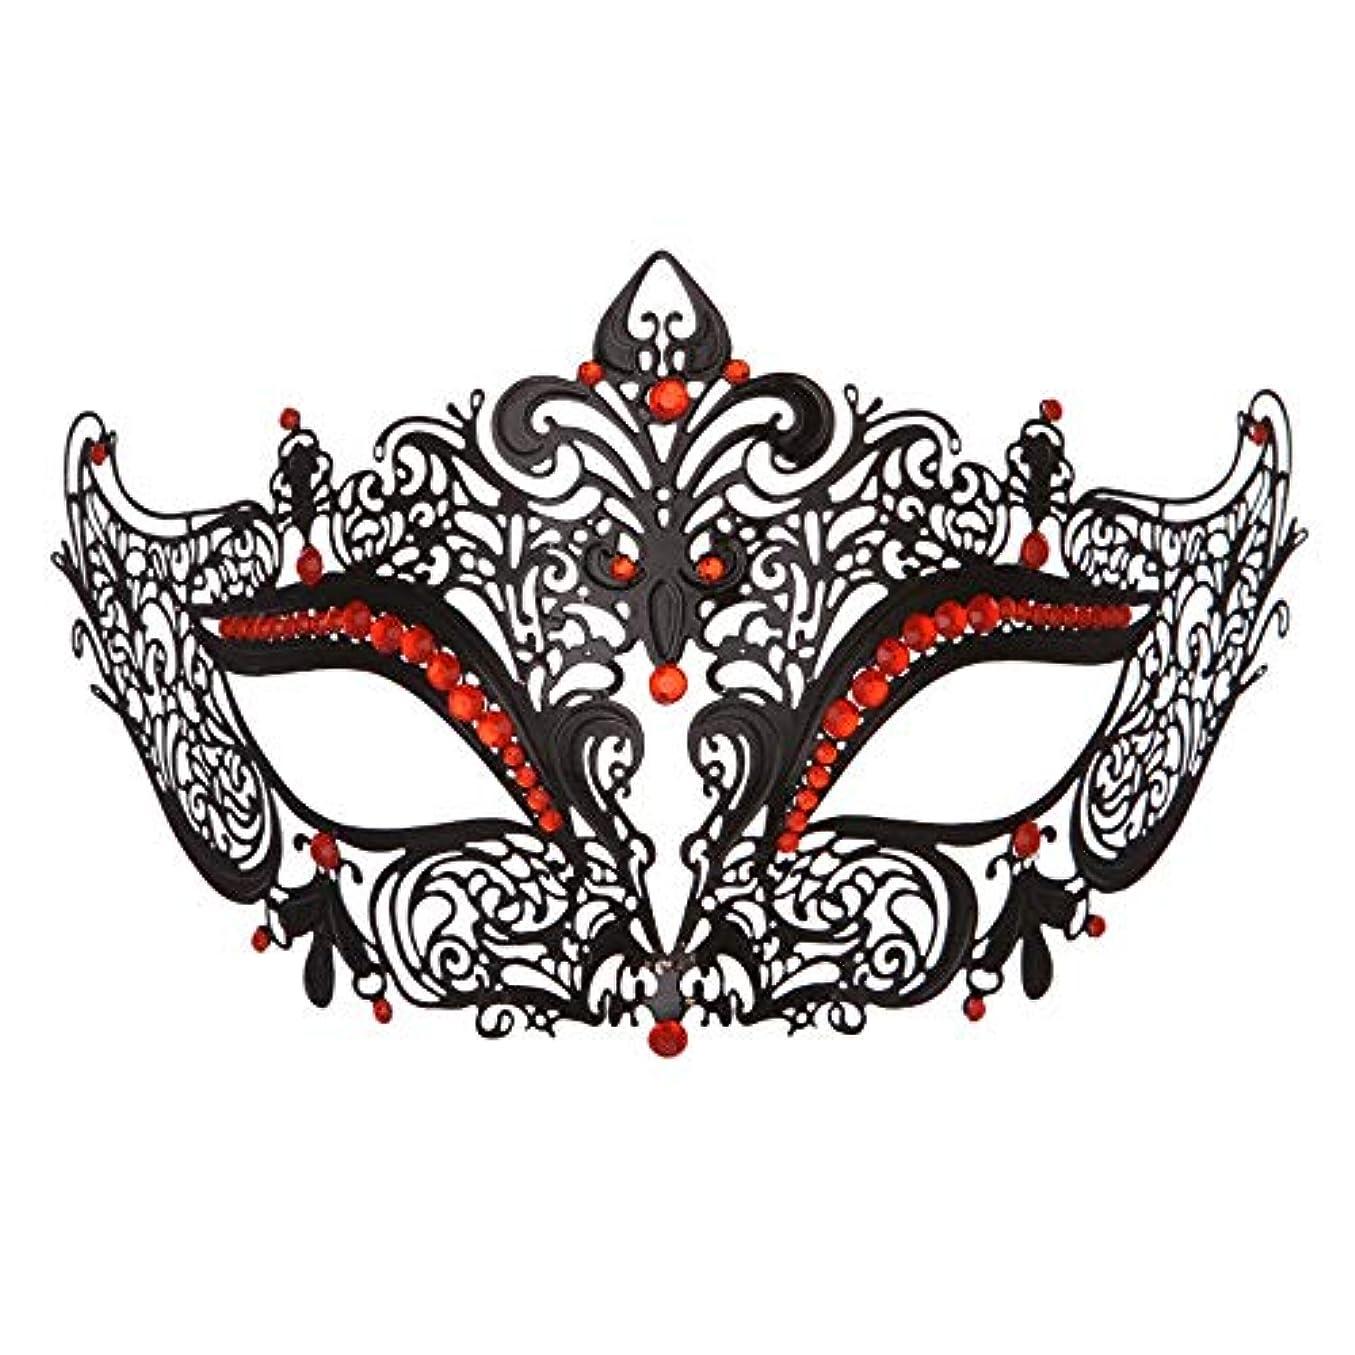 マスタードルーフそれによってダンスマスク 高級金属鉄マスク女性美少女中空ハーフフェイスファッションナイトクラブパーティー仮面舞踏会マスク ホリデーパーティー用品 (色 : 赤, サイズ : 19x8cm)